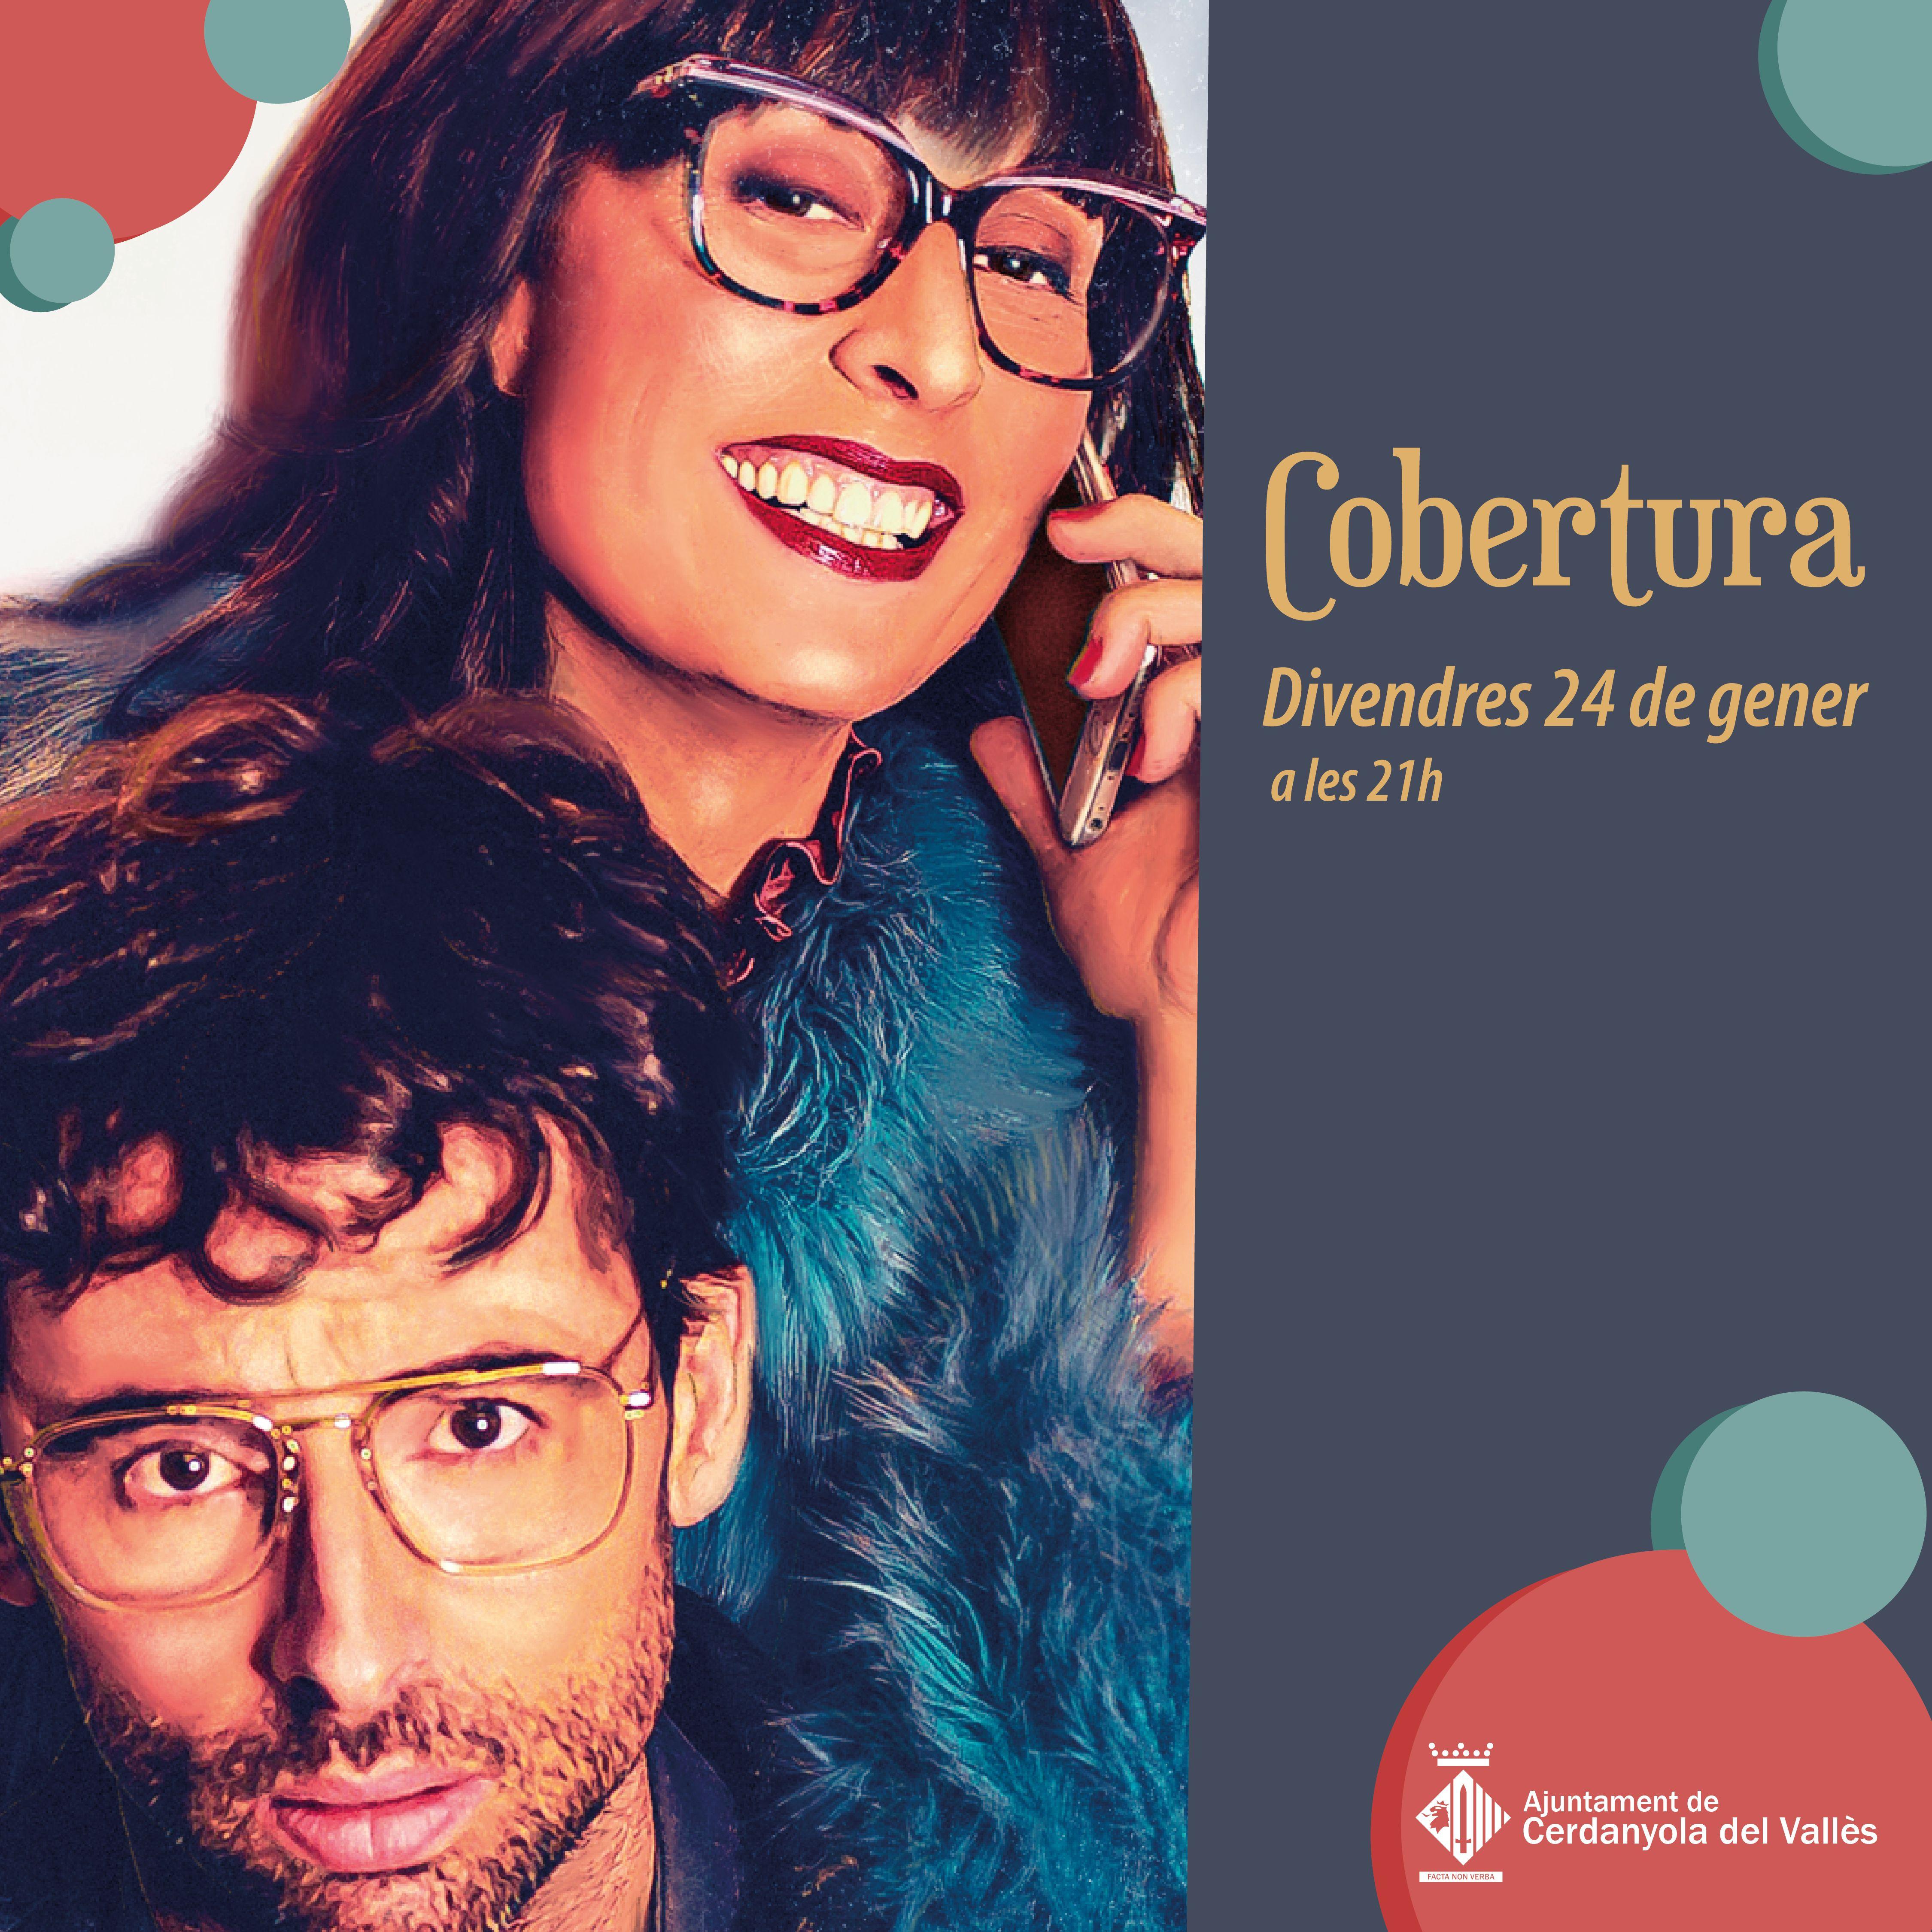 Imatge promocional de l'obra Cobertura